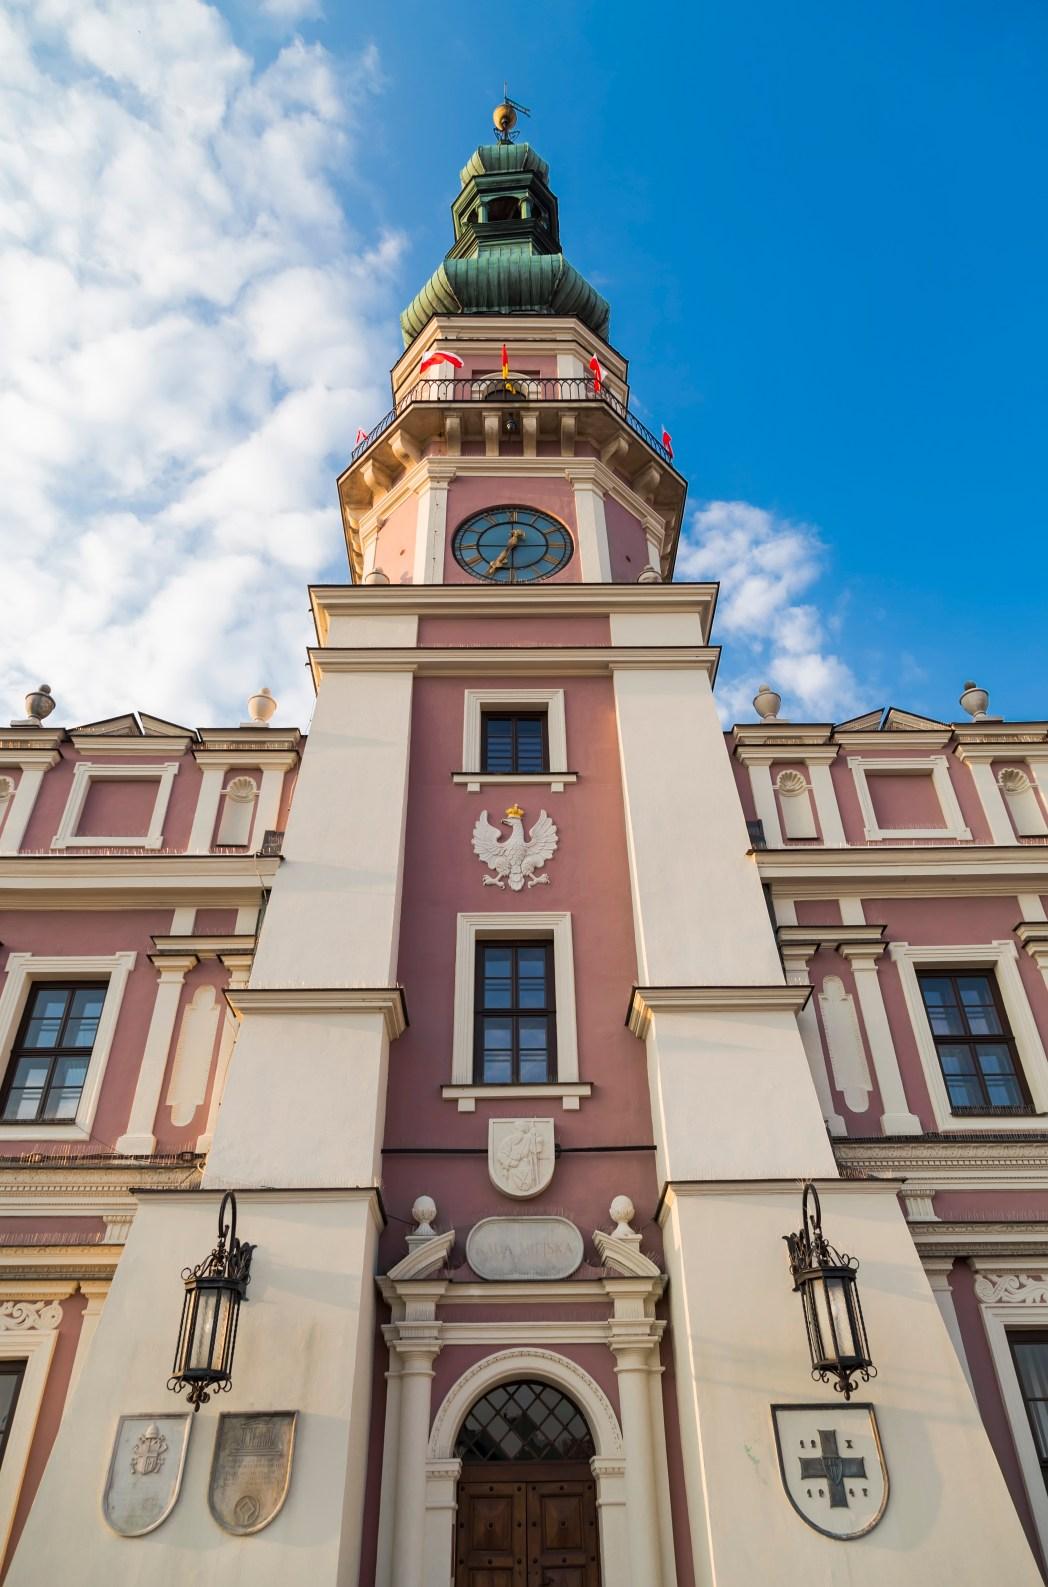 Το δημαρχείο του Ζαμόσκ στην Πολωνία